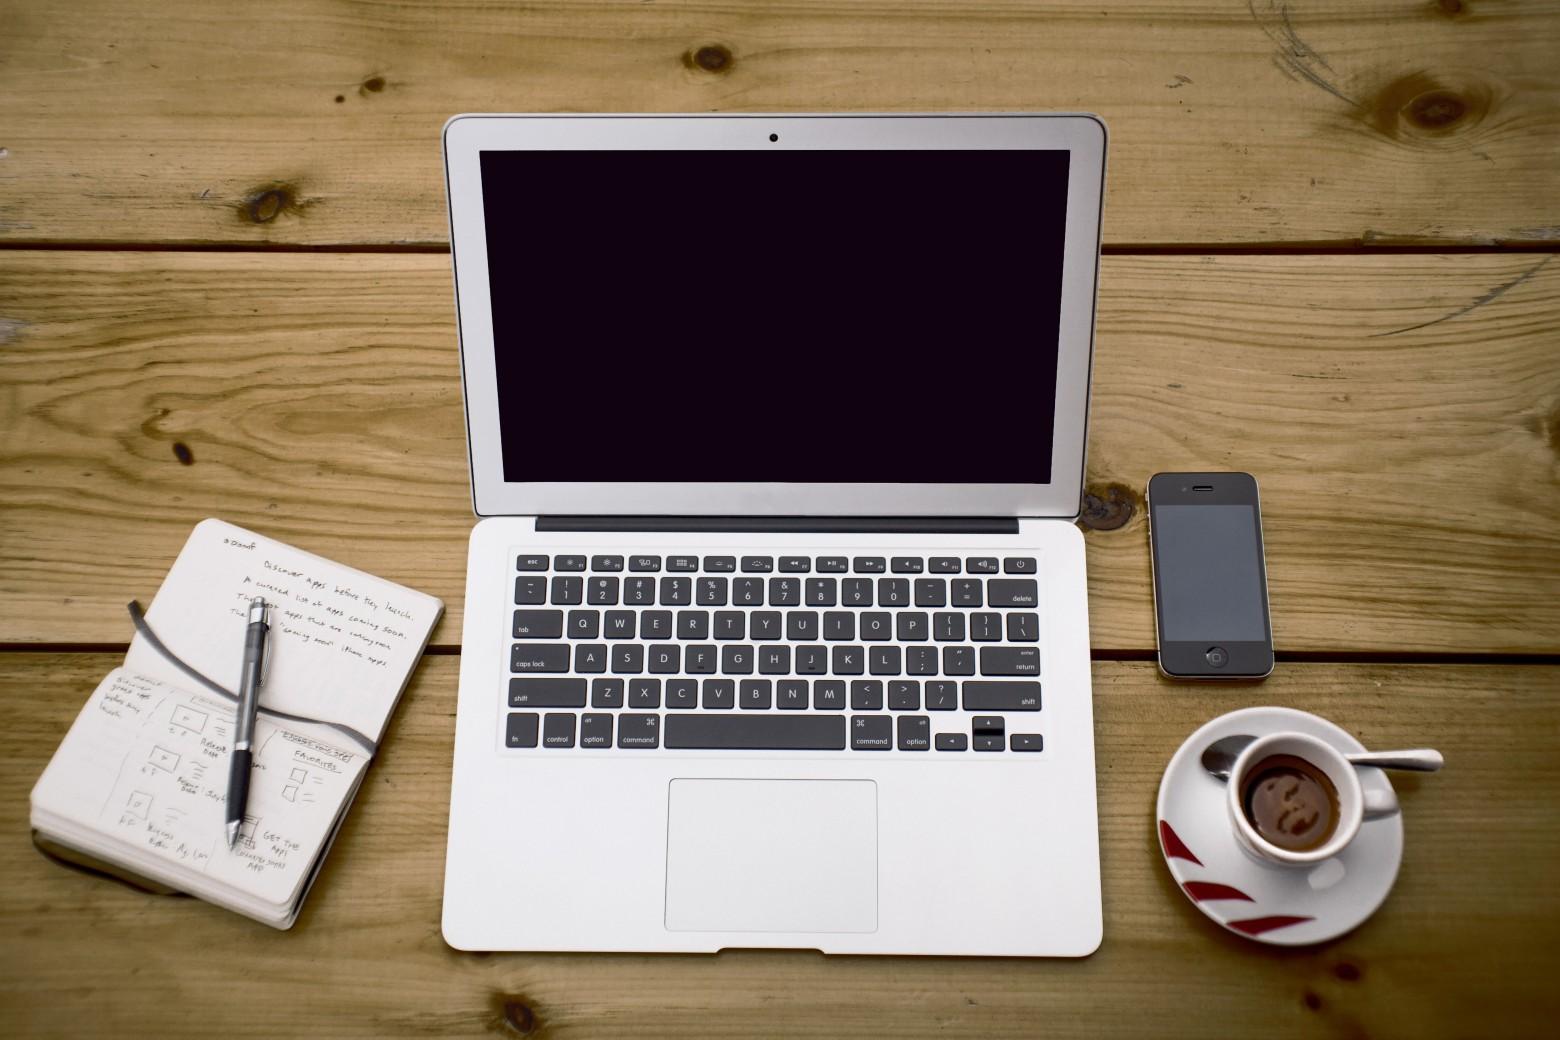 Bureau de travail entreprise business informatique images gratuites et libres de droits for Photos gratuites travail bureau